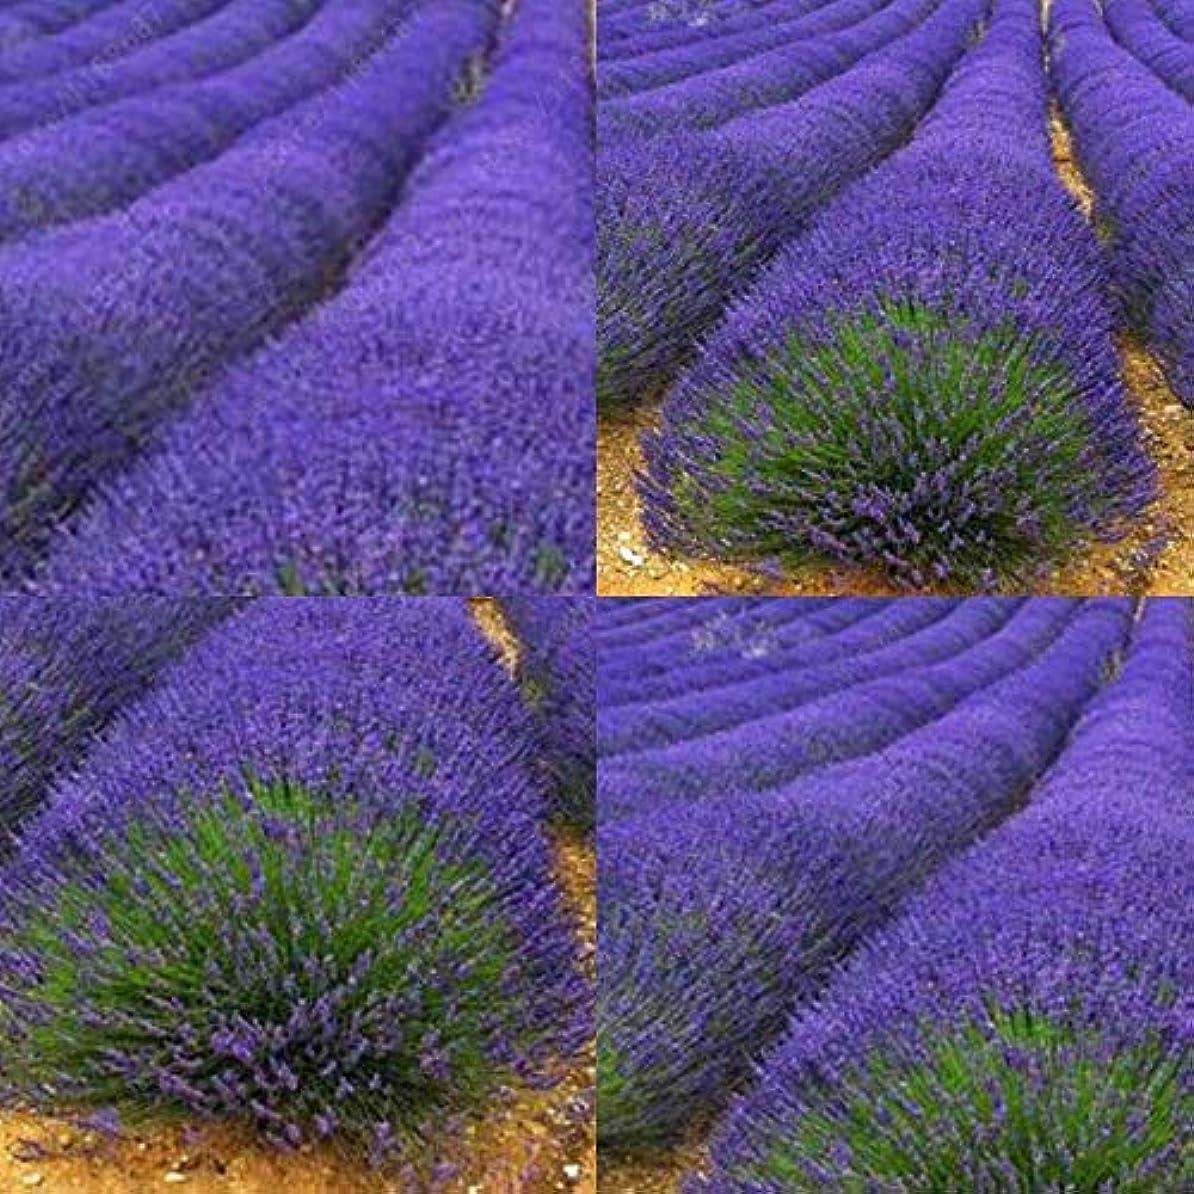 高音フラップ革命Portal Cool Type2 200Pcs: New Garden Aromatic Spices Variety Herb Seeds Plant Vegetable Lavender Herb